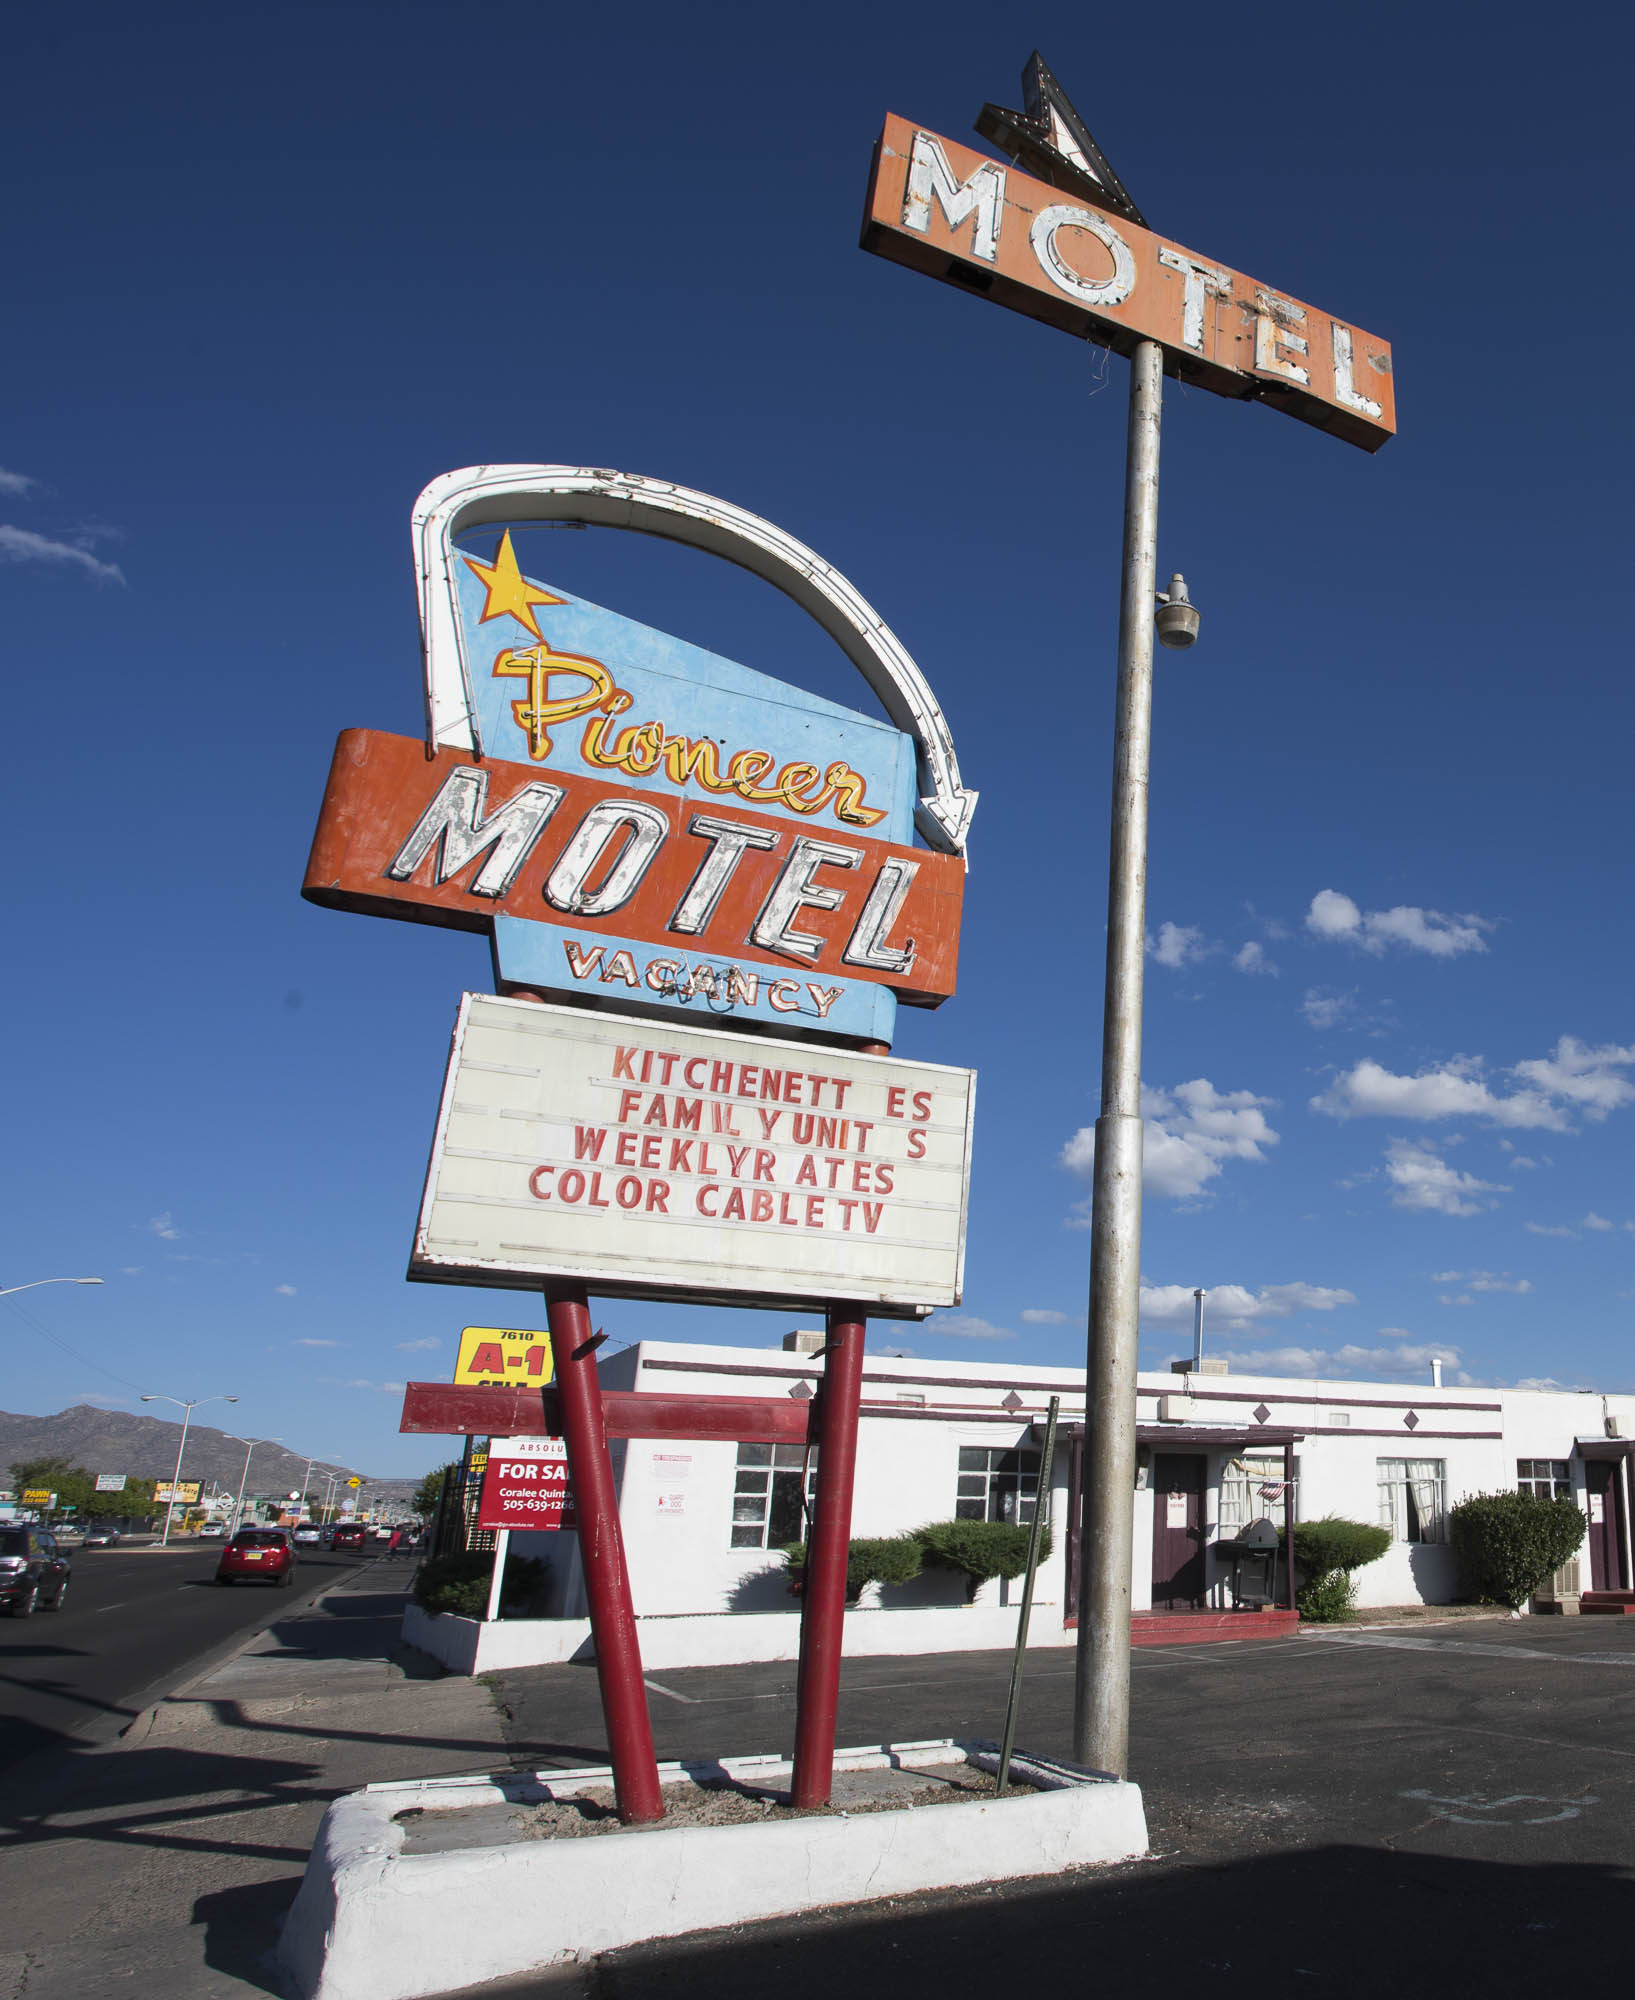 Pioneer Motel - 7600 Central Avenue SE, Albuquerque, New Mexico U.S.A. - September 21, 2017